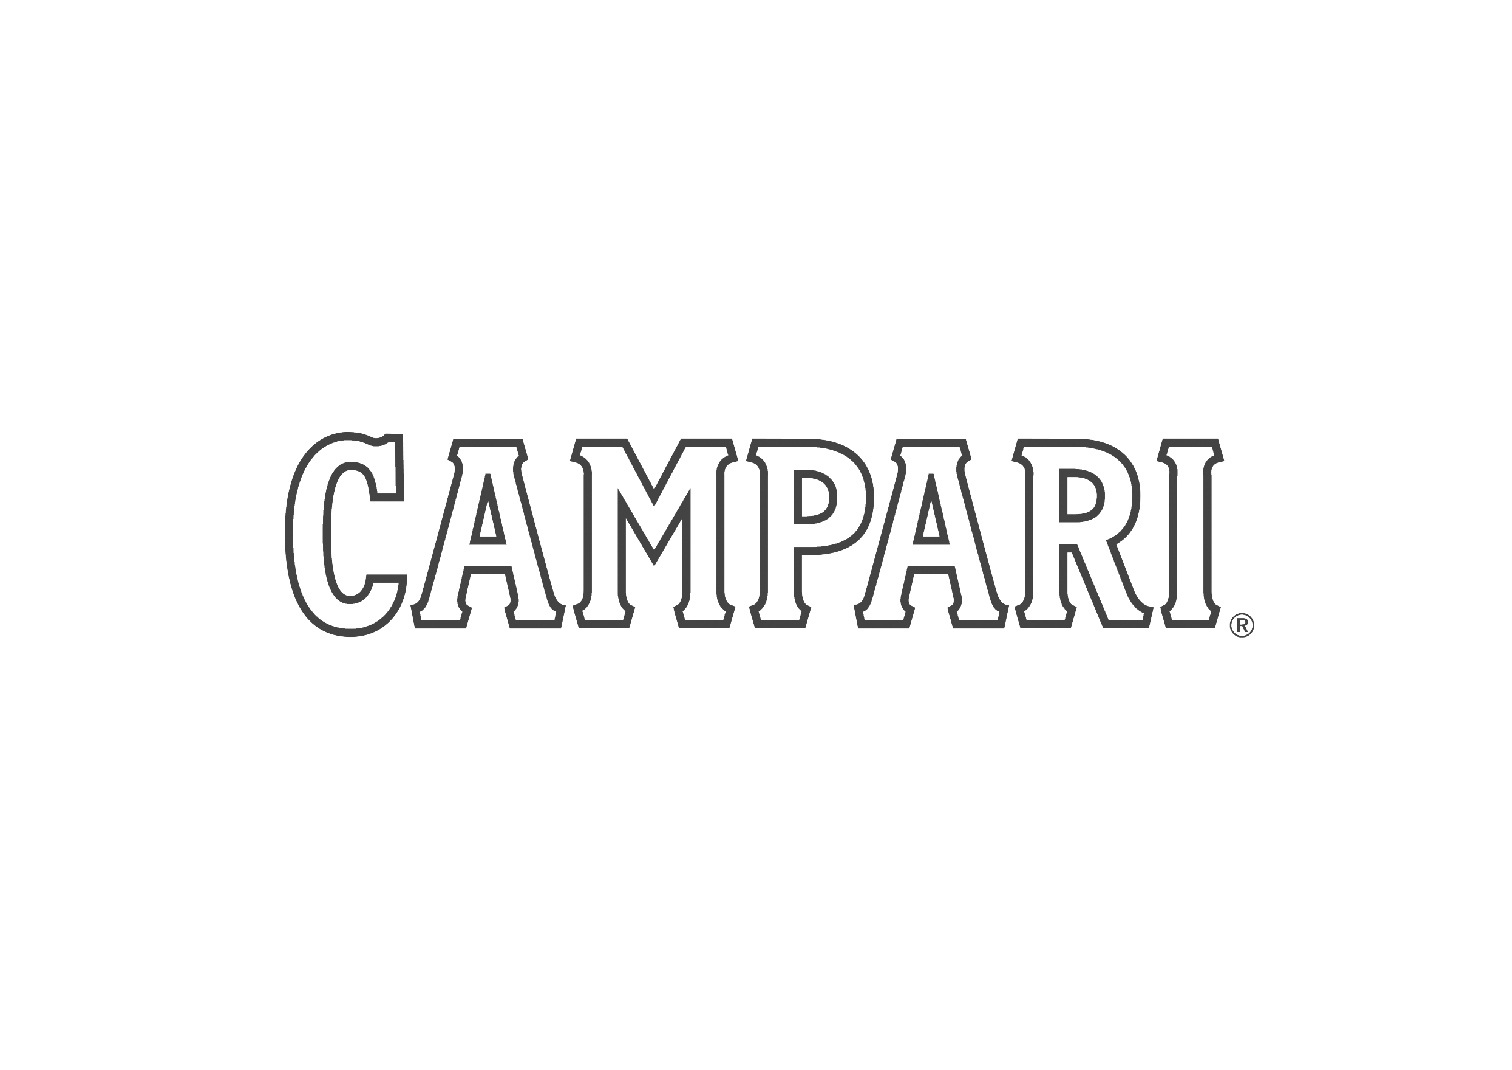 Campari-01.jpg